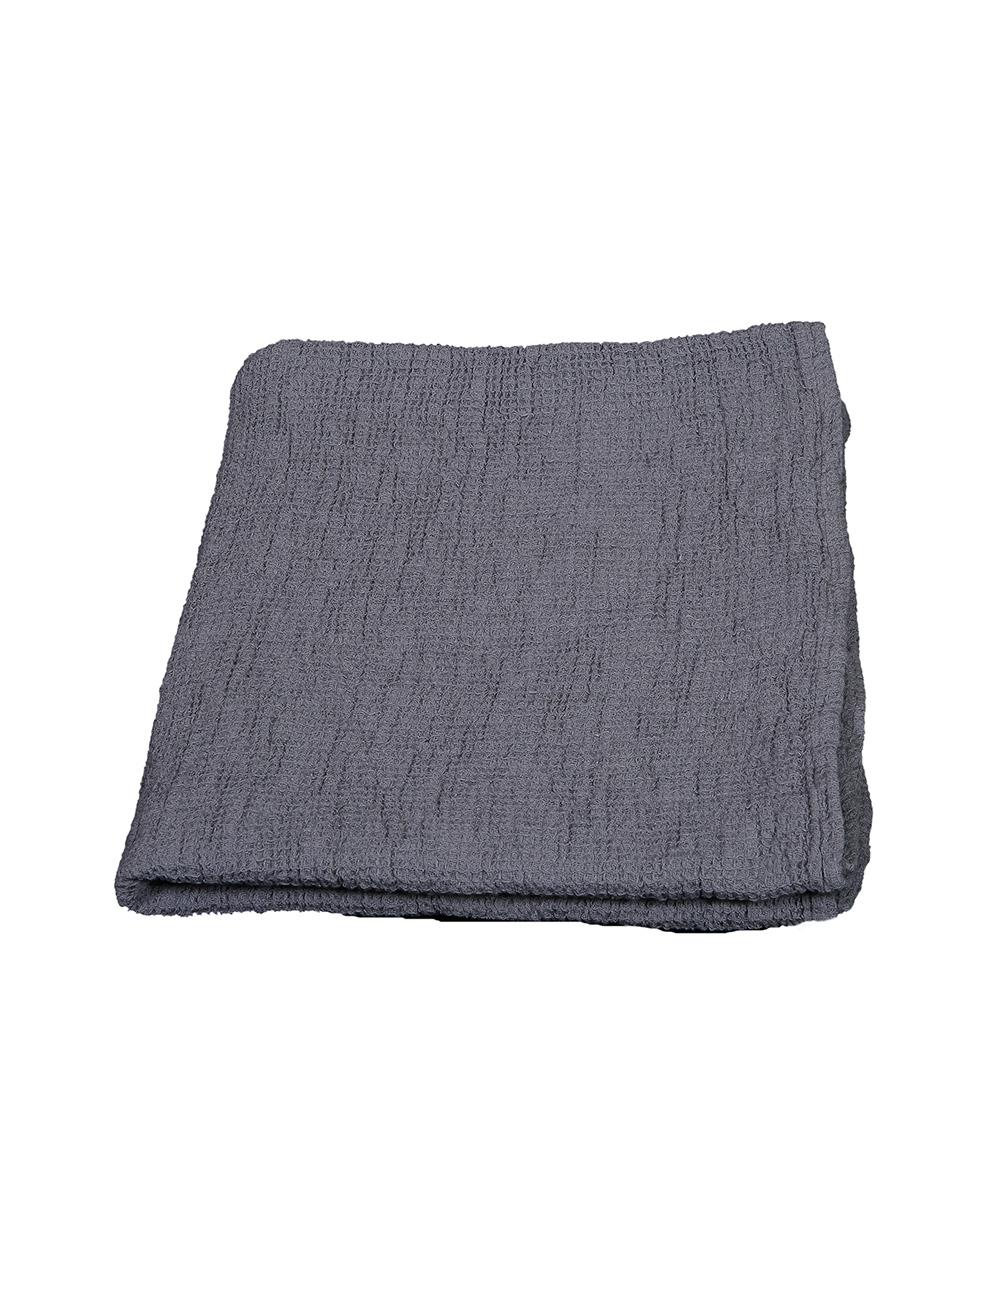 Waffled Towel Vejby Gray 70x130cm